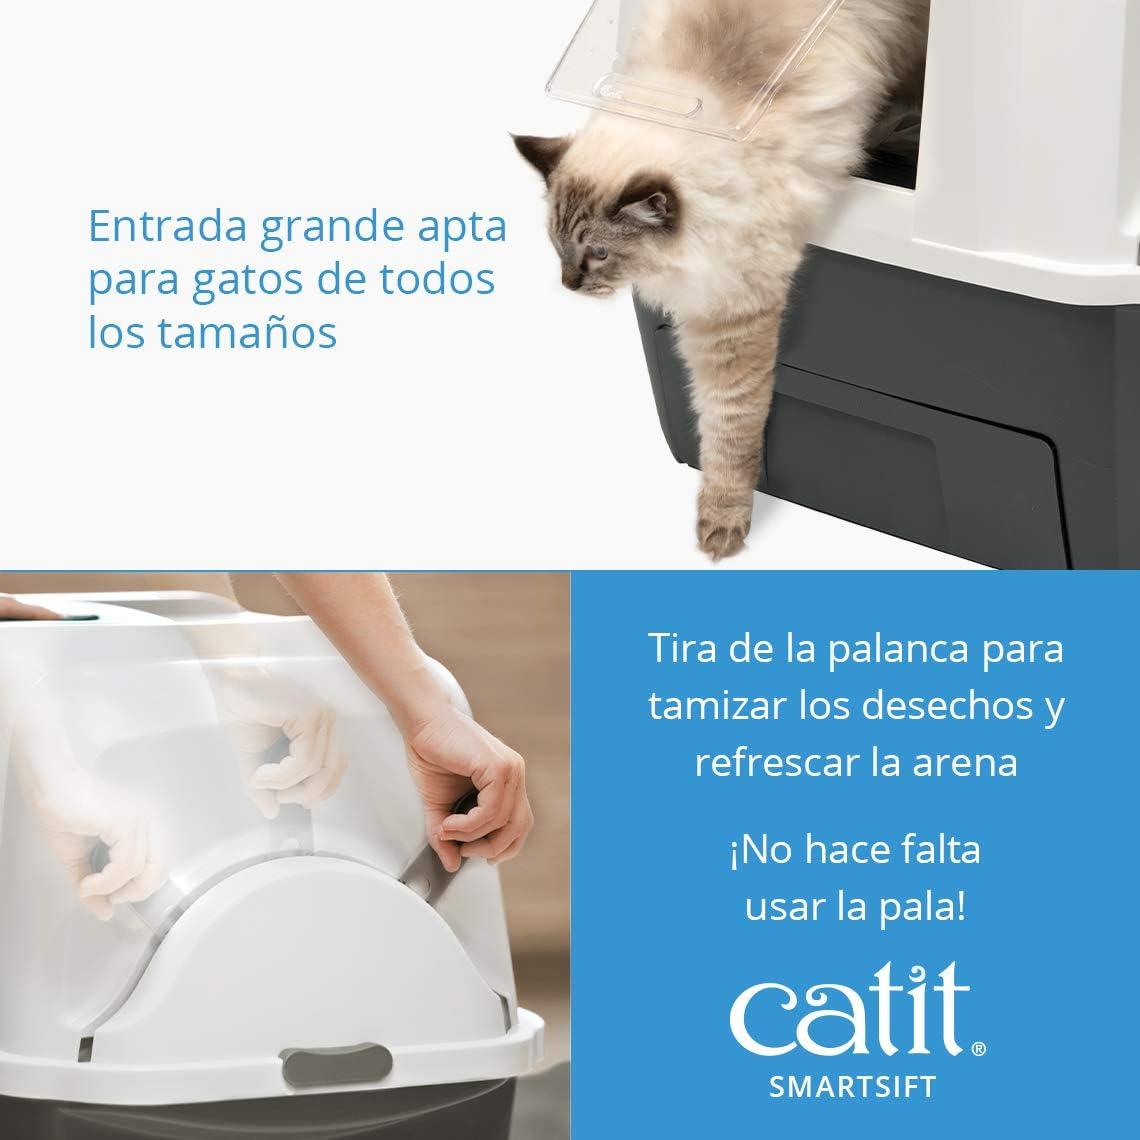 Catit Bandeja Sanitaria Automática Smartsift: Amazon.es: Productos para mascotas